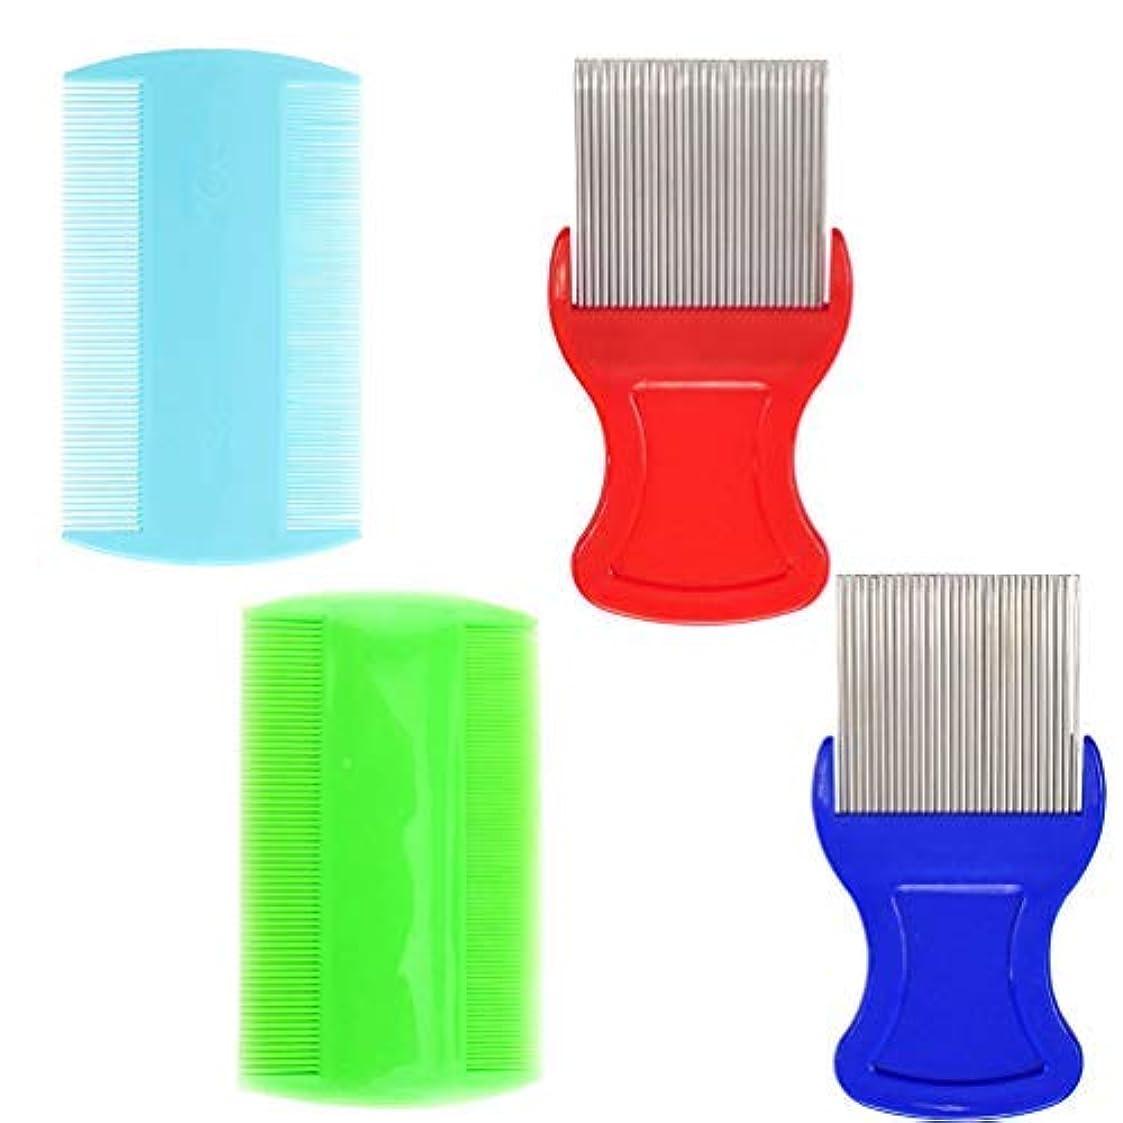 報奨金ダイヤル無秩序Hair Comb,Fine Tooth Comb,Removing Dandruff Flakes [並行輸入品]